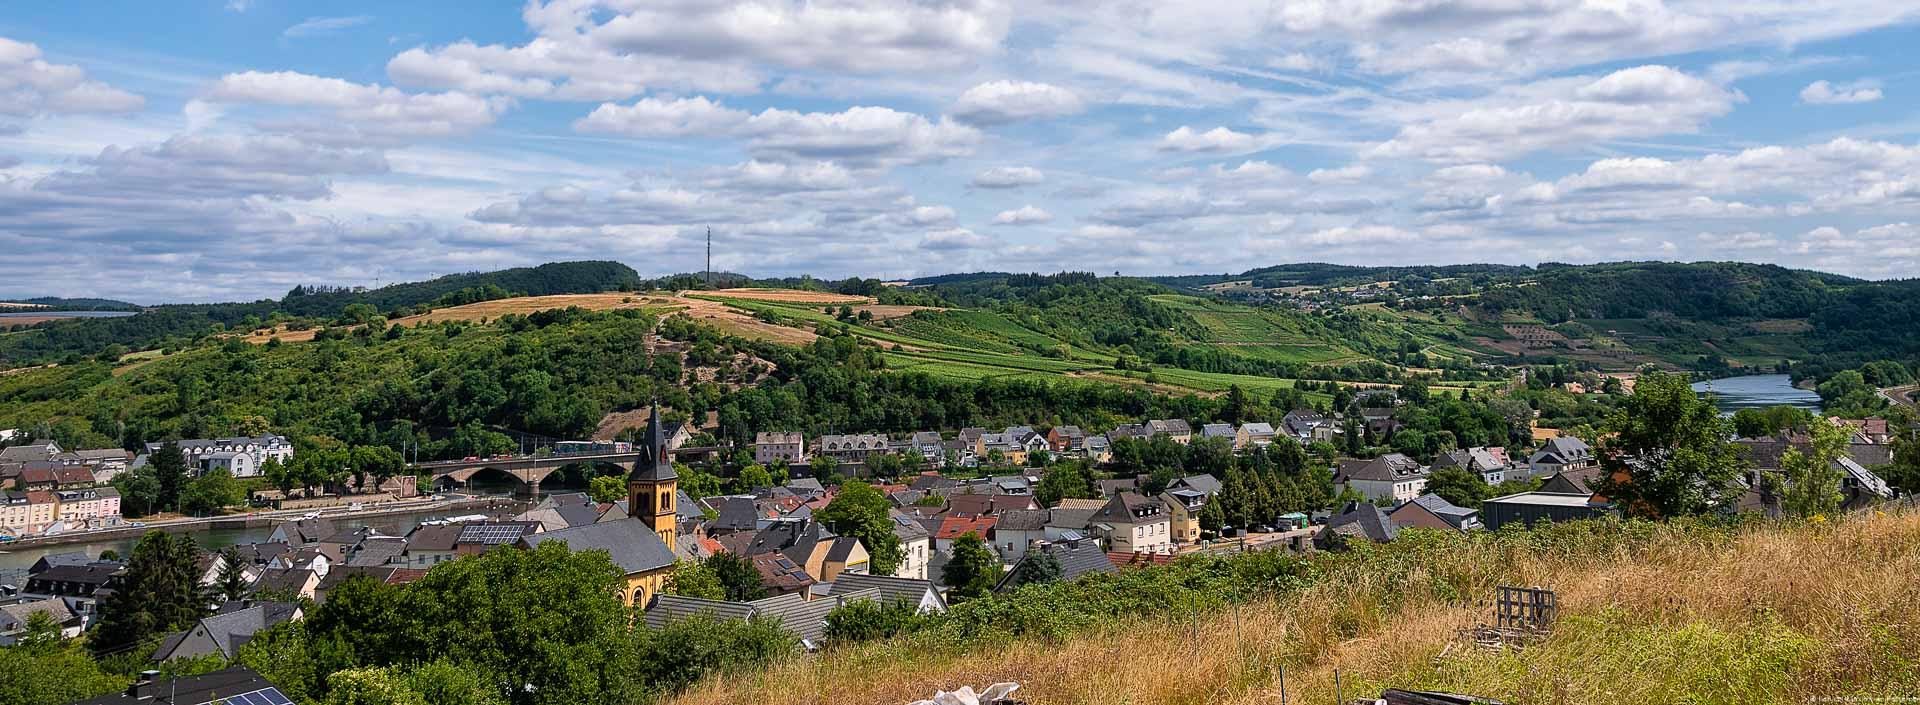 Blick auf Weinberge wie zum Beispiel der Langsurer Brüderberg an der Obermosel. Vorne im Tal fließt der Fluss Mosel. Am gegenüberliegenden Ufer der Mosel liegt der Ort Wasserbillig. Am blauen Himmel sind viele Wolken.